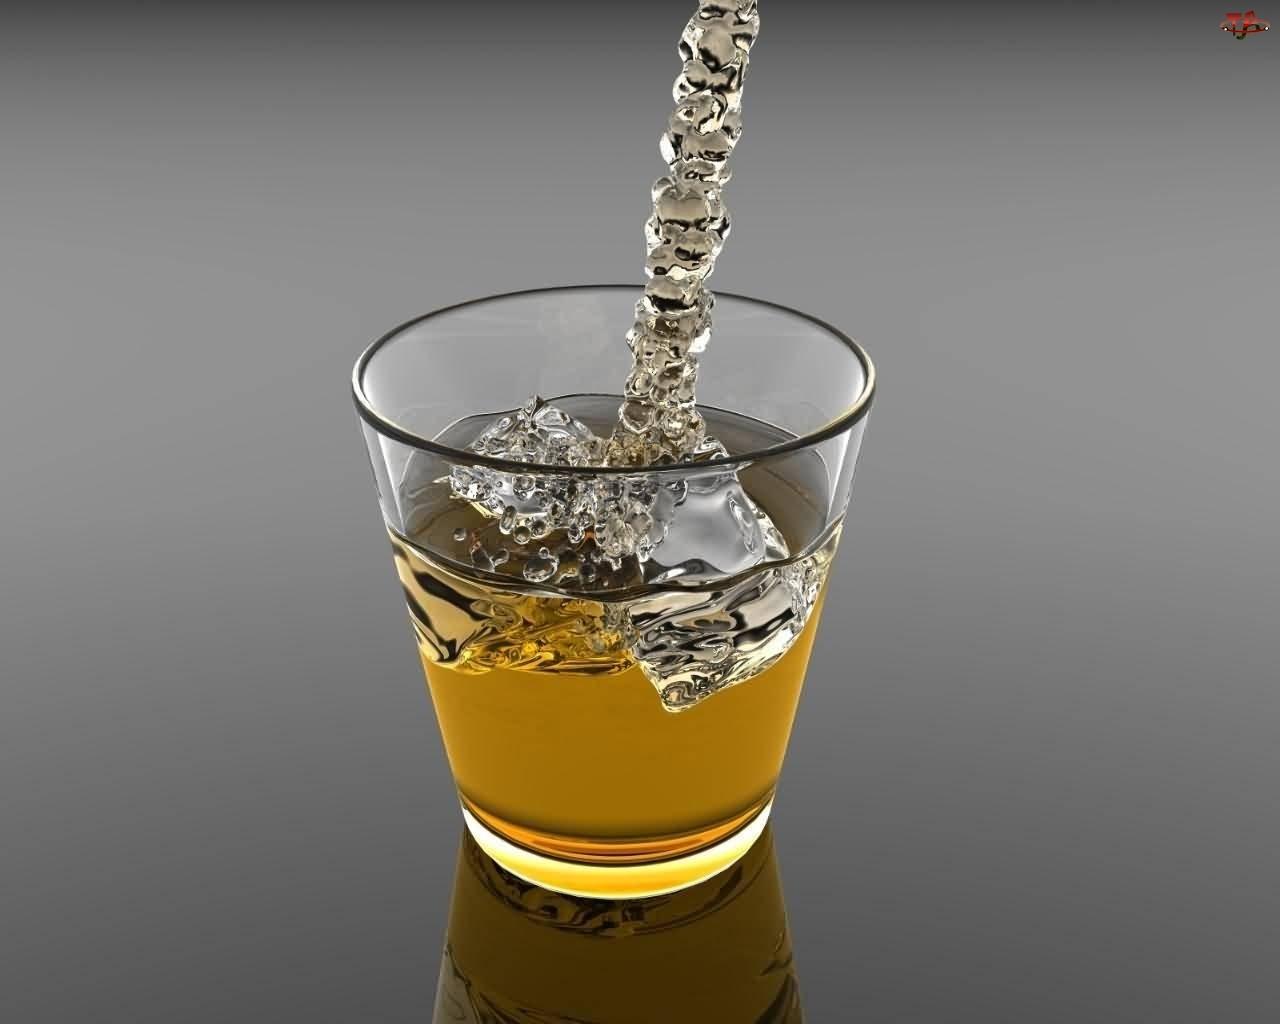 Lód, Drink, Szklana